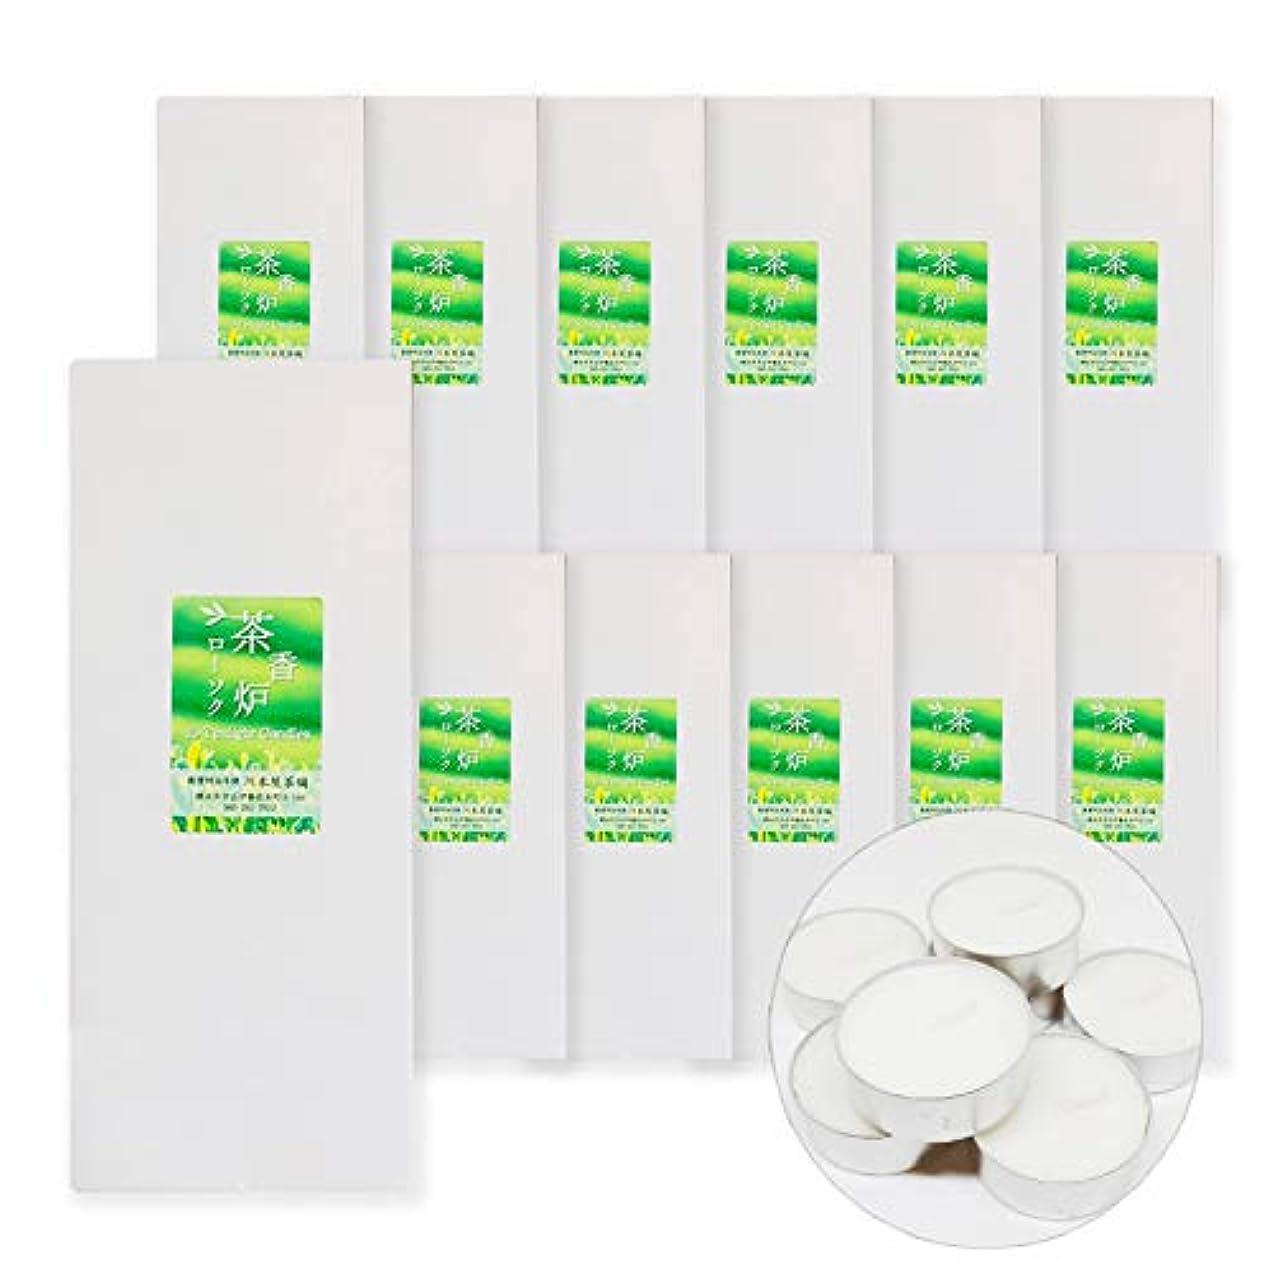 泥沼アセやさしく茶香炉専用 ろうそく キャンドル 10個入り 川本屋茶舗 (12箱)